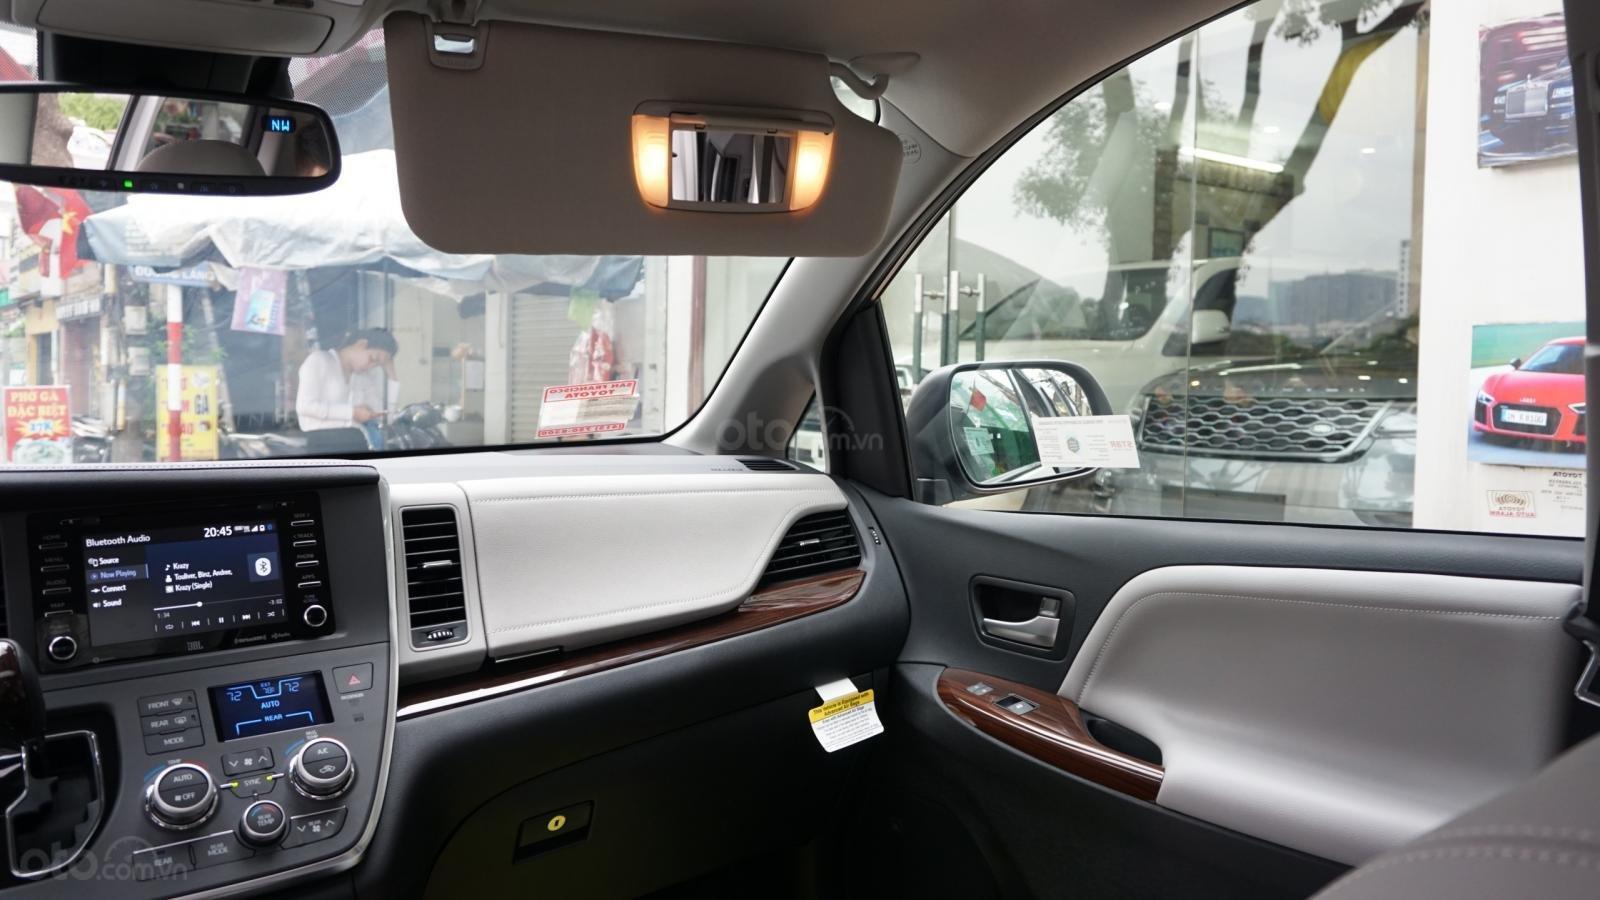 Bán Toyota Sienna Limited 1 cầu 2020 giao ngay, giá tốt nhất, LH 094.539.2468 Ms Hương (12)